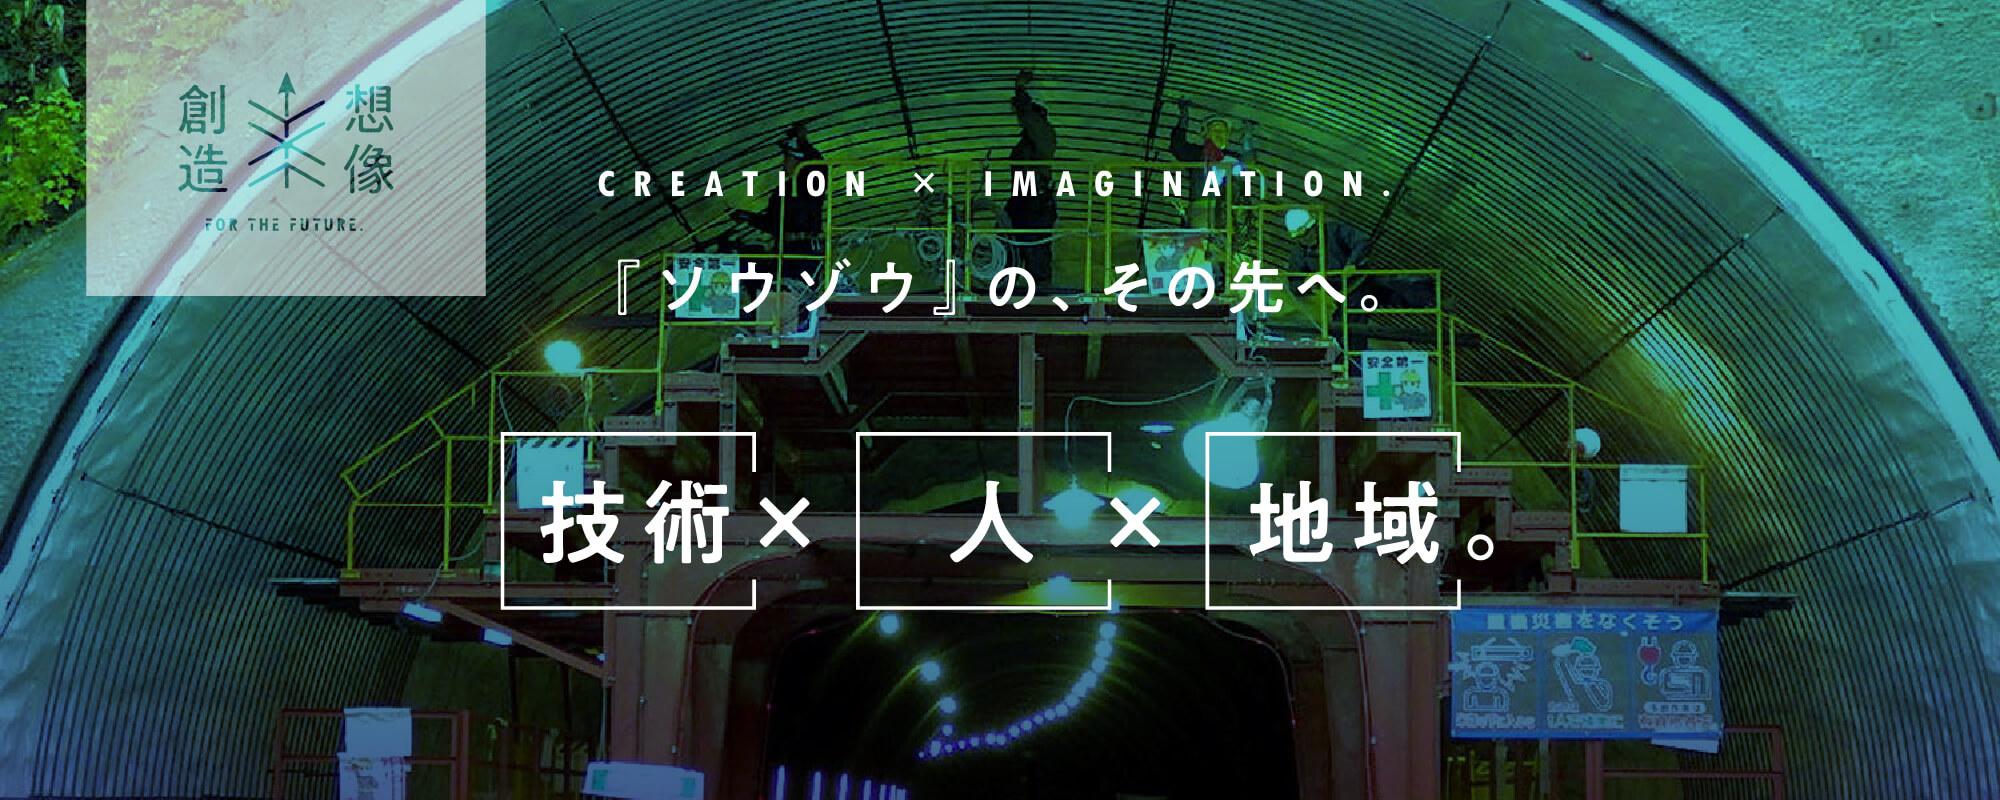 CREATION × IMAGINATION. 『ソウゾウ』の、その先へ。 技術×人×地域。